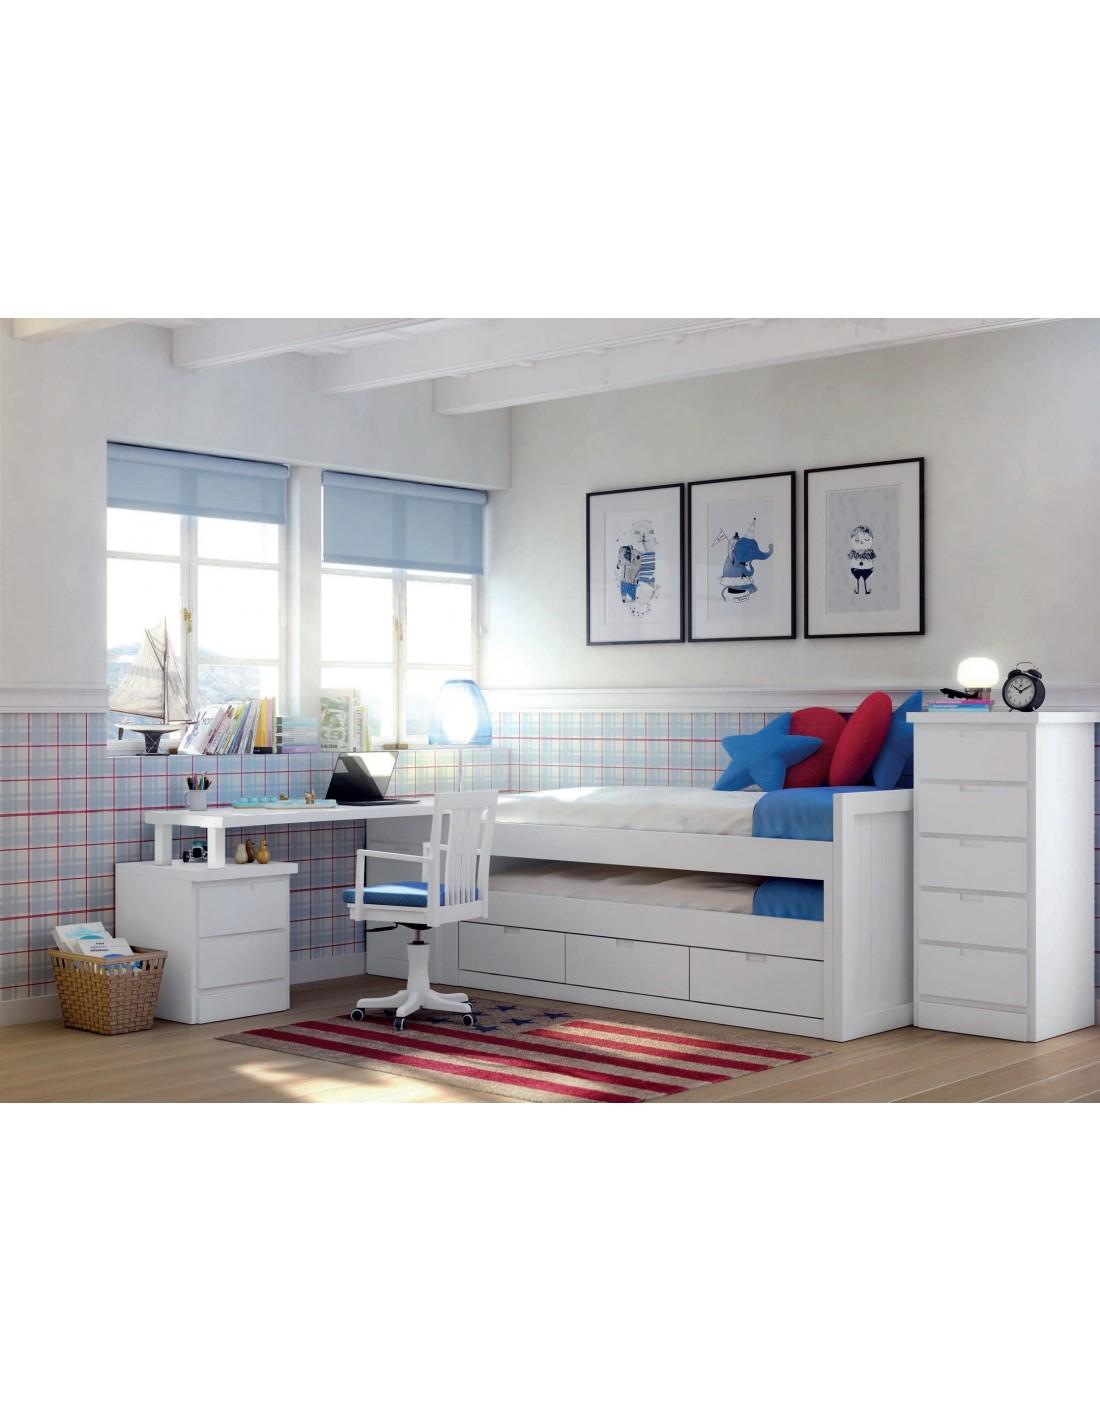 Comprar dormitorio juvenil a medida lacado en blanco Dormitorio juvenil en l